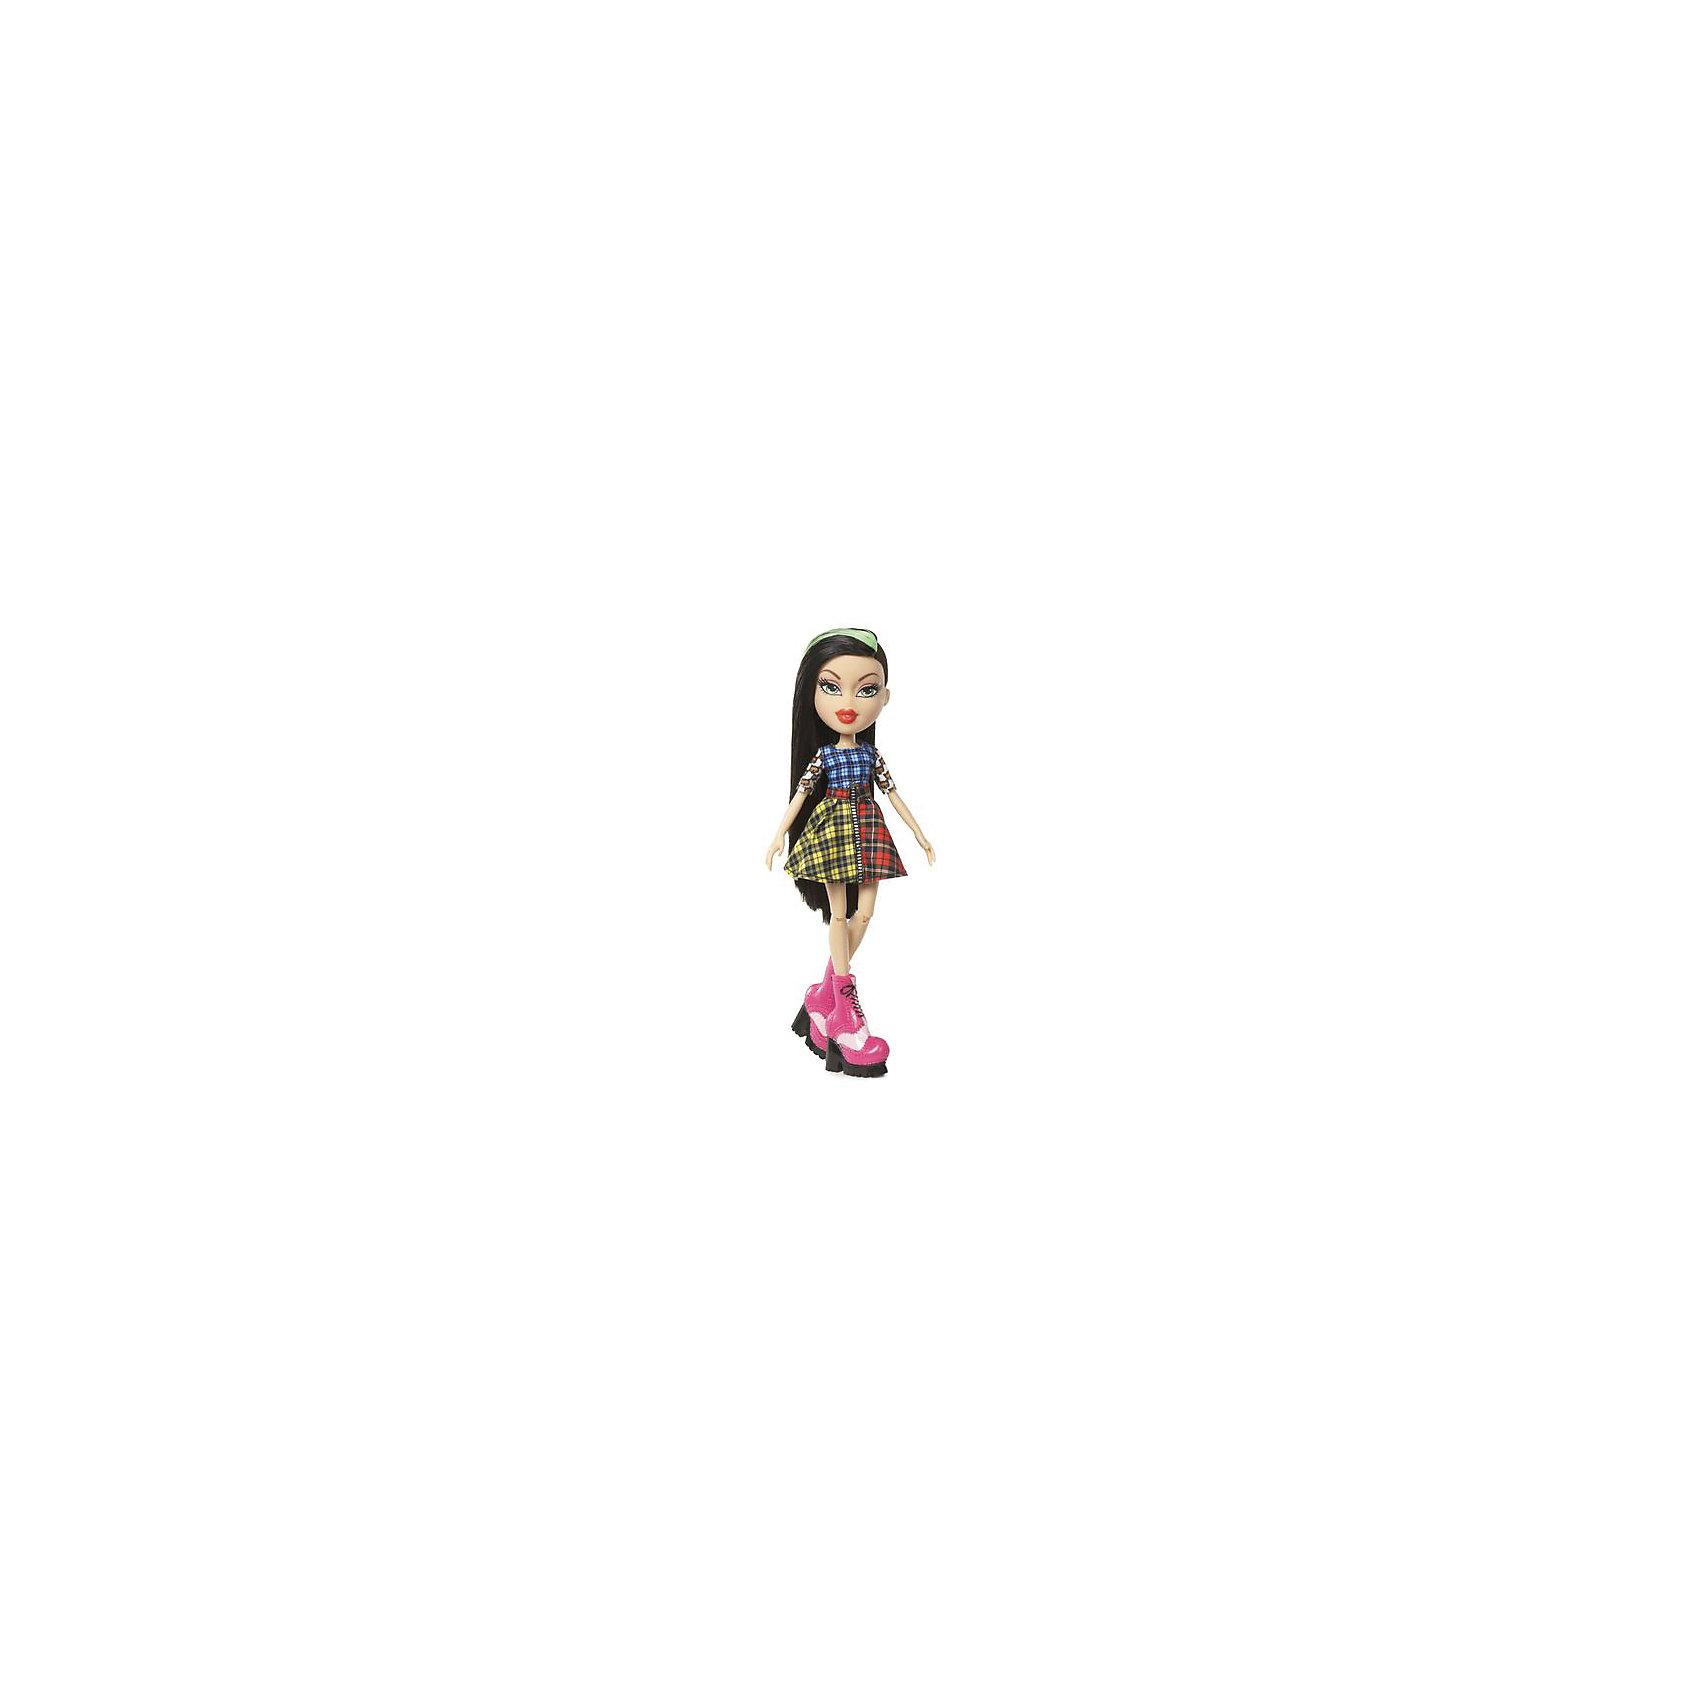 Кукла делюкс Джей, Давай знакомиться, BratzХарактеристики товара:<br><br>- цвет: разноцветный;<br>- материал: пластик, текстиль;<br>- особенности: руки и ноги сгибаются;<br>- размер упаковки: 18х31х7 см;<br>- размер куклы: 27 см.<br><br>Такие красивые куклы не оставят ребенка равнодушным! Какая девочка откажется поиграть с куклой Bratz?! Игрушка отлично детализирована, очень качественно выполнена, поэтому она станет отличным подарком ребенку. В наборе идут одежда и аксессуары, которыми можно украсить куклу!<br>Изделие произведено из высококачественного материала, безопасного для детей.<br><br>Куклу делюкс Джей, Давай знакомиться, от бренда Bratz можно купить в нашем интернет-магазине.<br><br>Ширина мм: 180<br>Глубина мм: 310<br>Высота мм: 70<br>Вес г: 400<br>Возраст от месяцев: 48<br>Возраст до месяцев: 2147483647<br>Пол: Женский<br>Возраст: Детский<br>SKU: 5040283